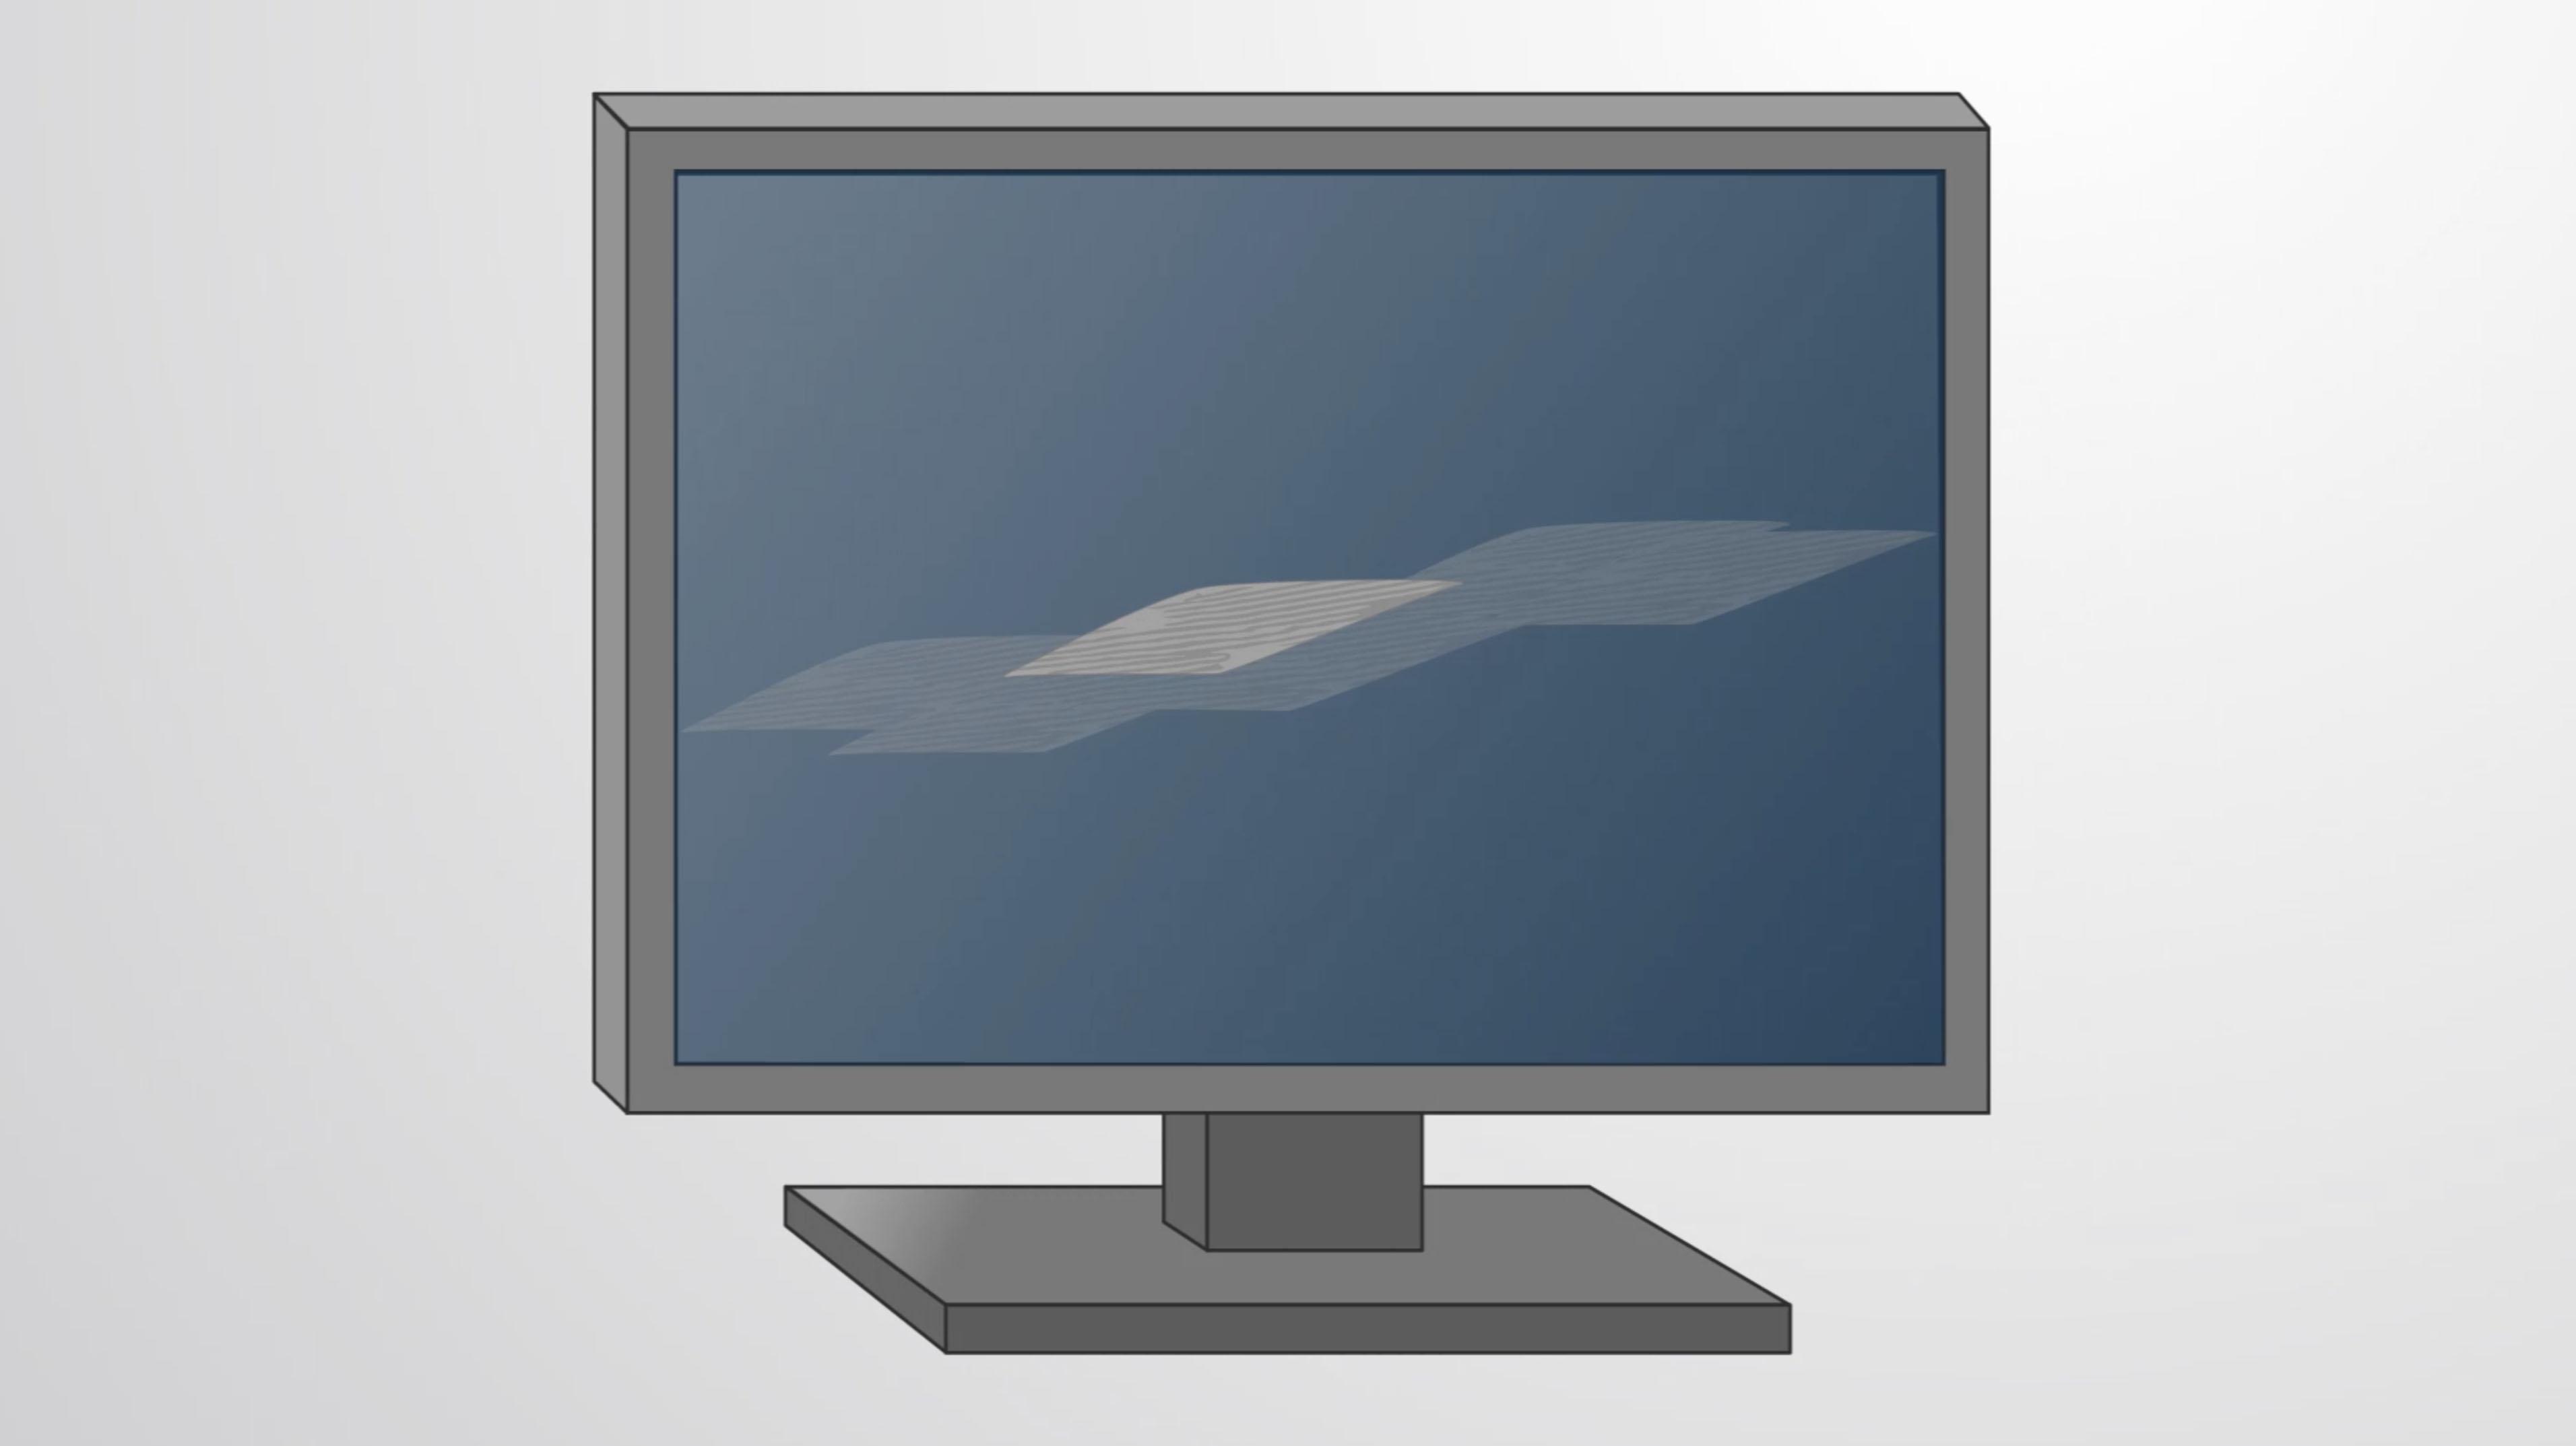 C. elegans Muskelbereichsmessungen: Eine standardisierte Methode zur Quantifizierung der gestreiften Muskelmorphologie